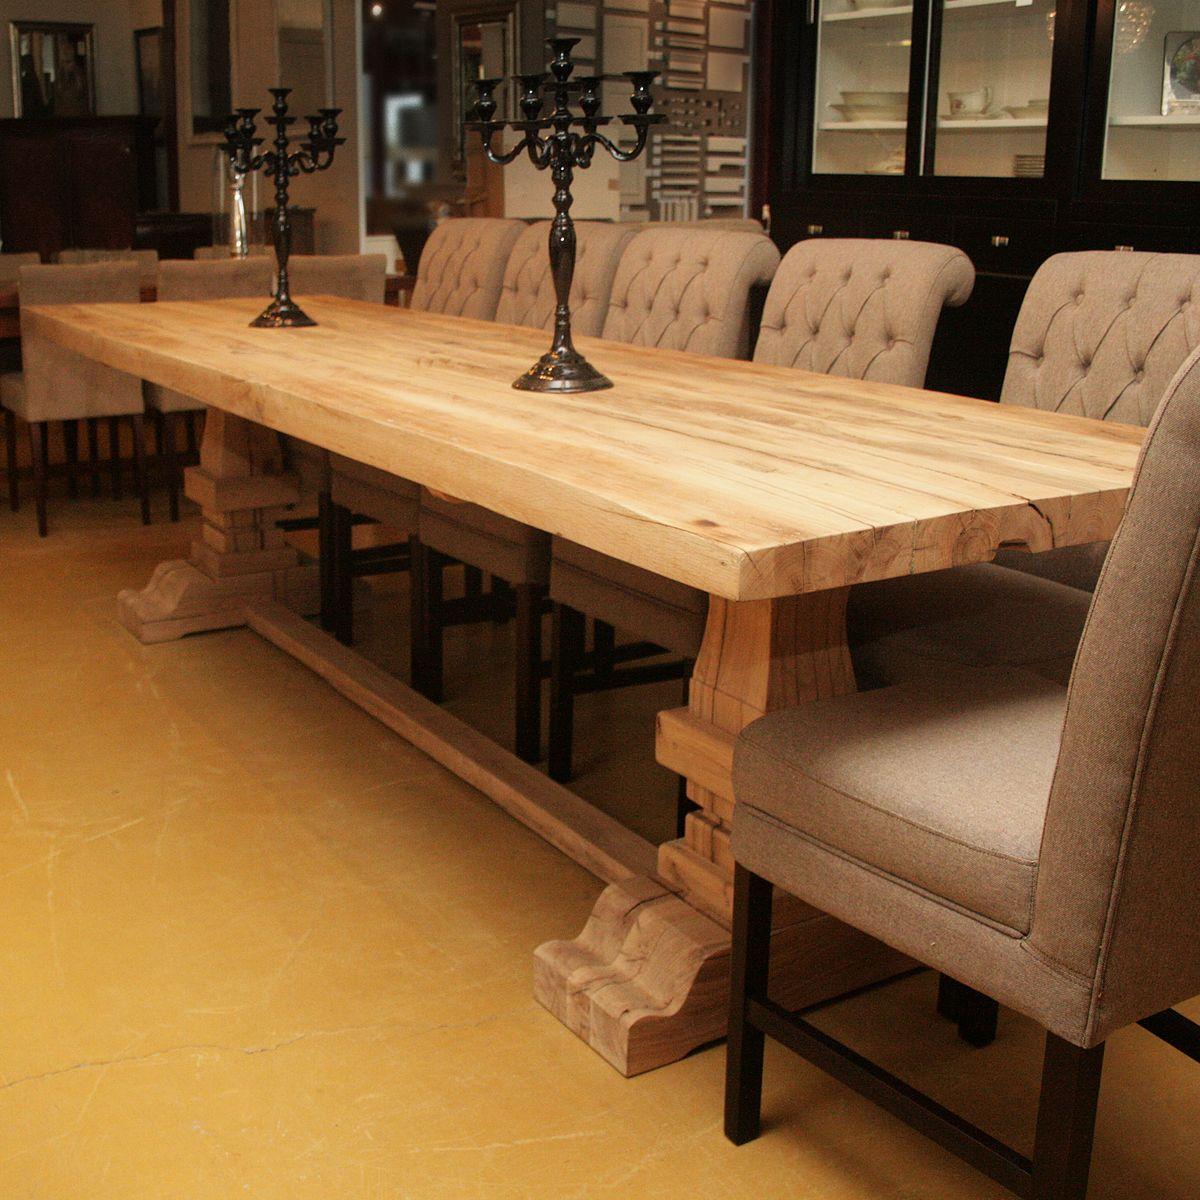 Kloostertafel origineel oud eiken met engelse kolommen gerard keune meubels op maat - Eettafel schans ...